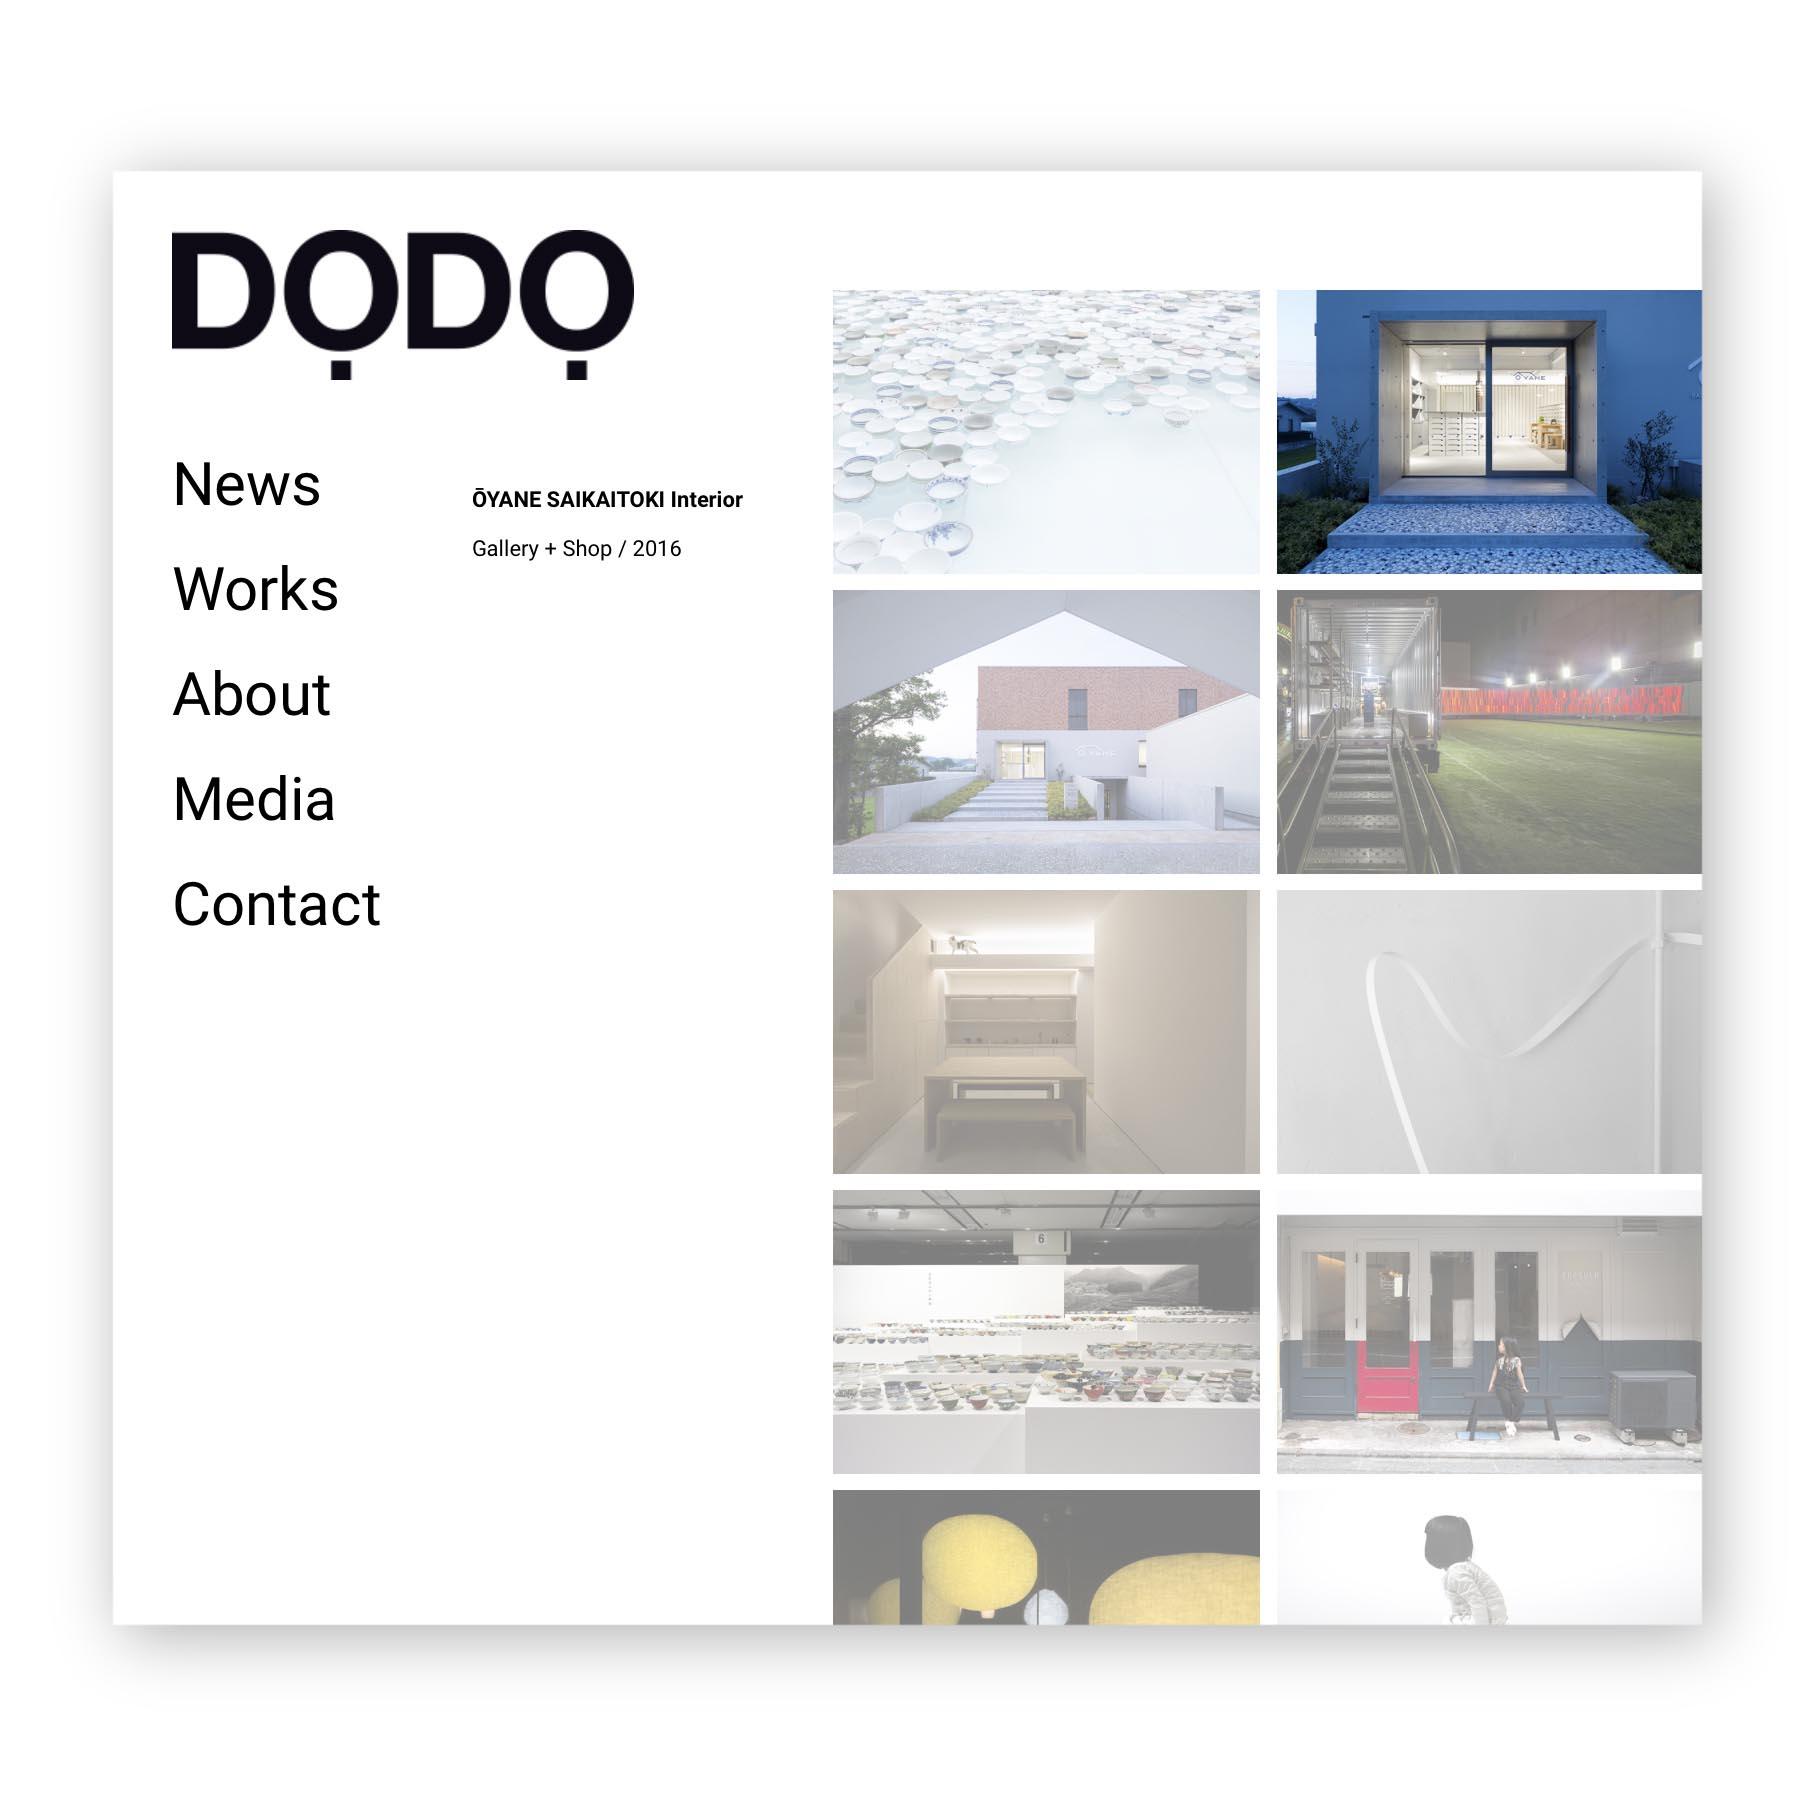 dodo_web_03